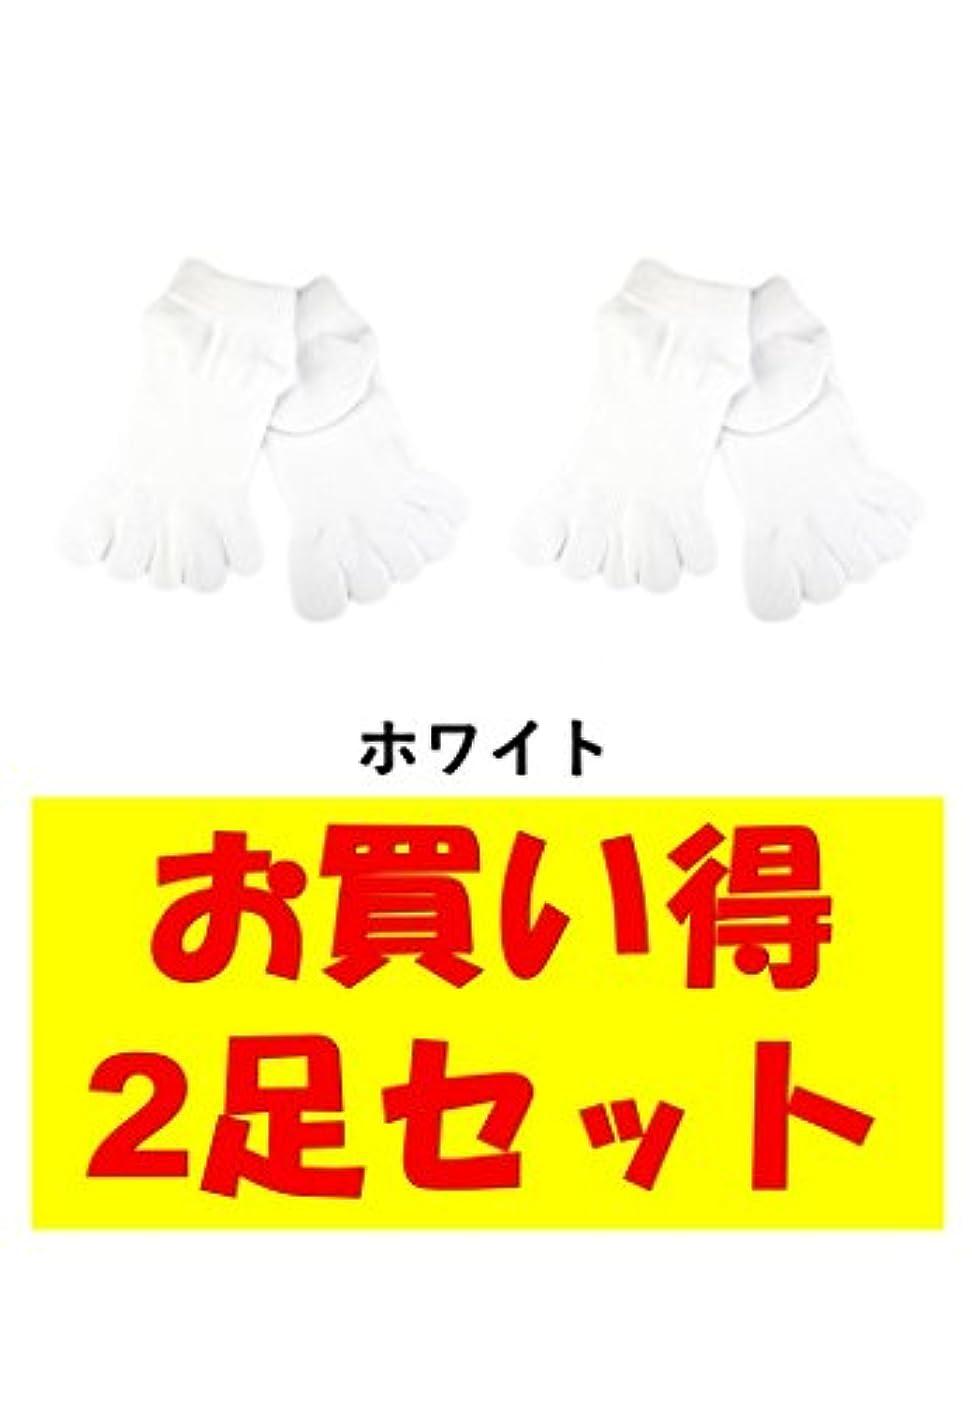 ほうき道息子お買い得2足セット 5本指 ゆびのばソックス ゆびのば アンクル ホワイト Mサイズ 25.0cm-27.5cm YSANKL-WHT